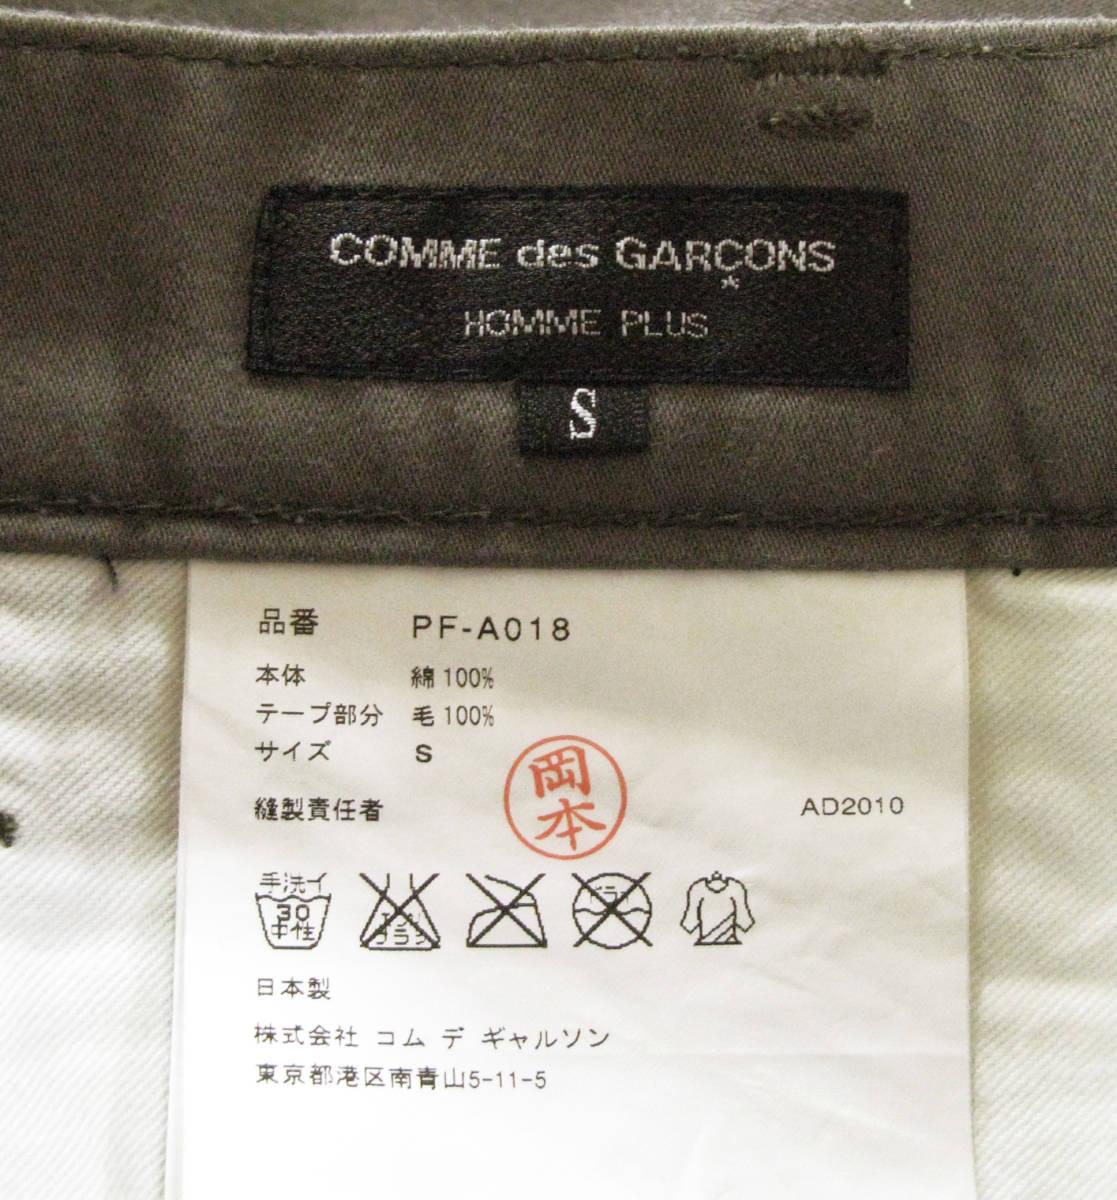 ギャルソン プリュス:カバー パンツ ( コムデギャルソン ハカマ 袴 カバーパンツ COMME des GARCONS HOMME PLUS cover pants_画像4